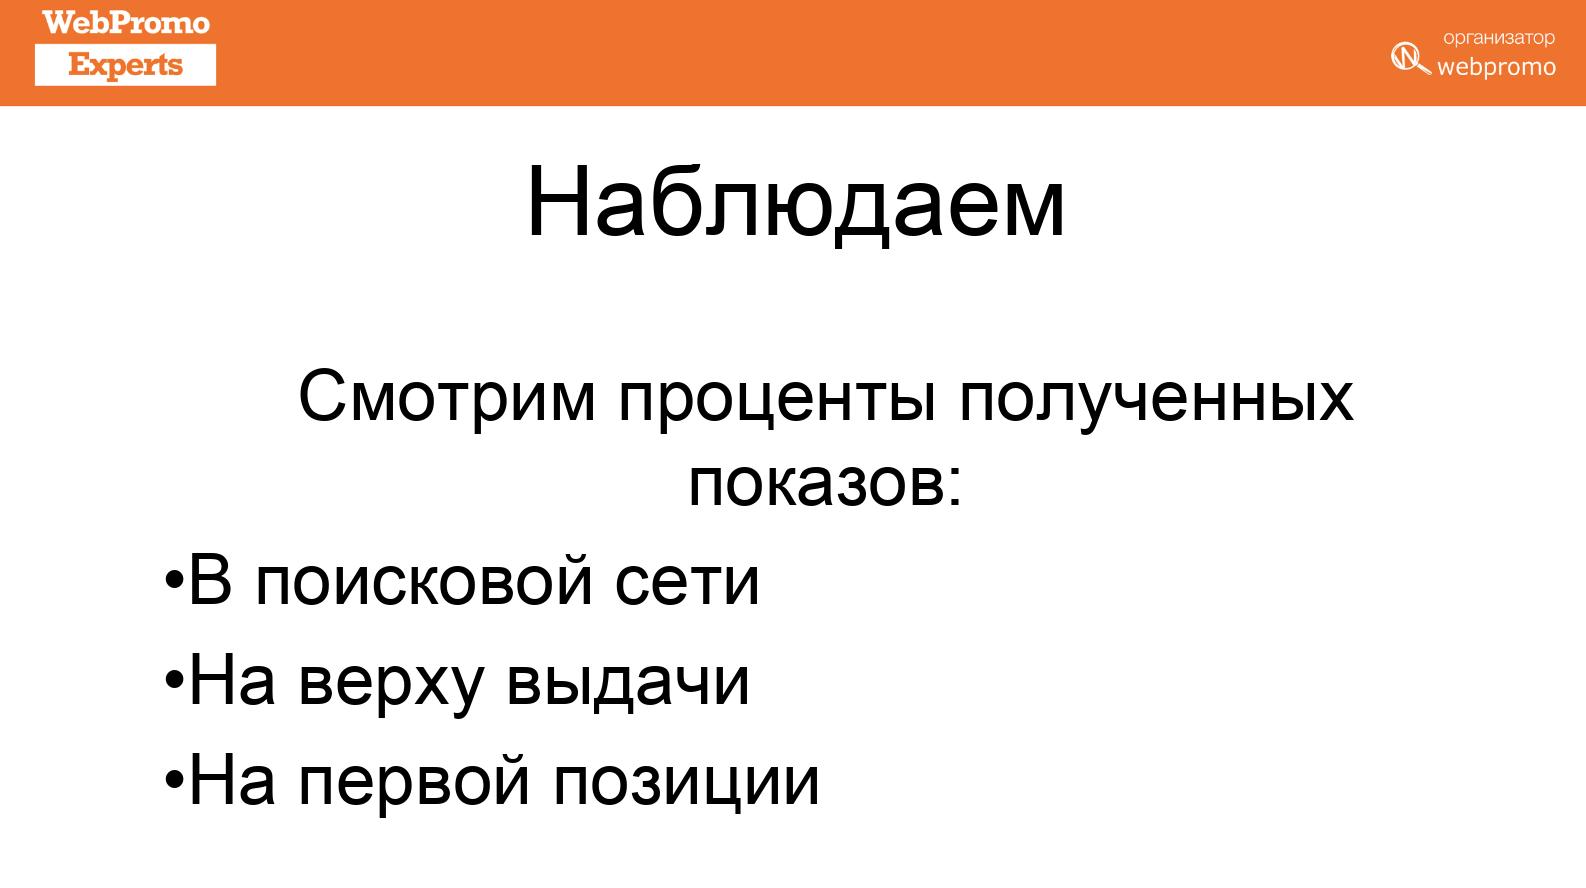 К примеру, вы хотите, чтобы стоимость CPA (Cost per Action) была не больше 250 грн